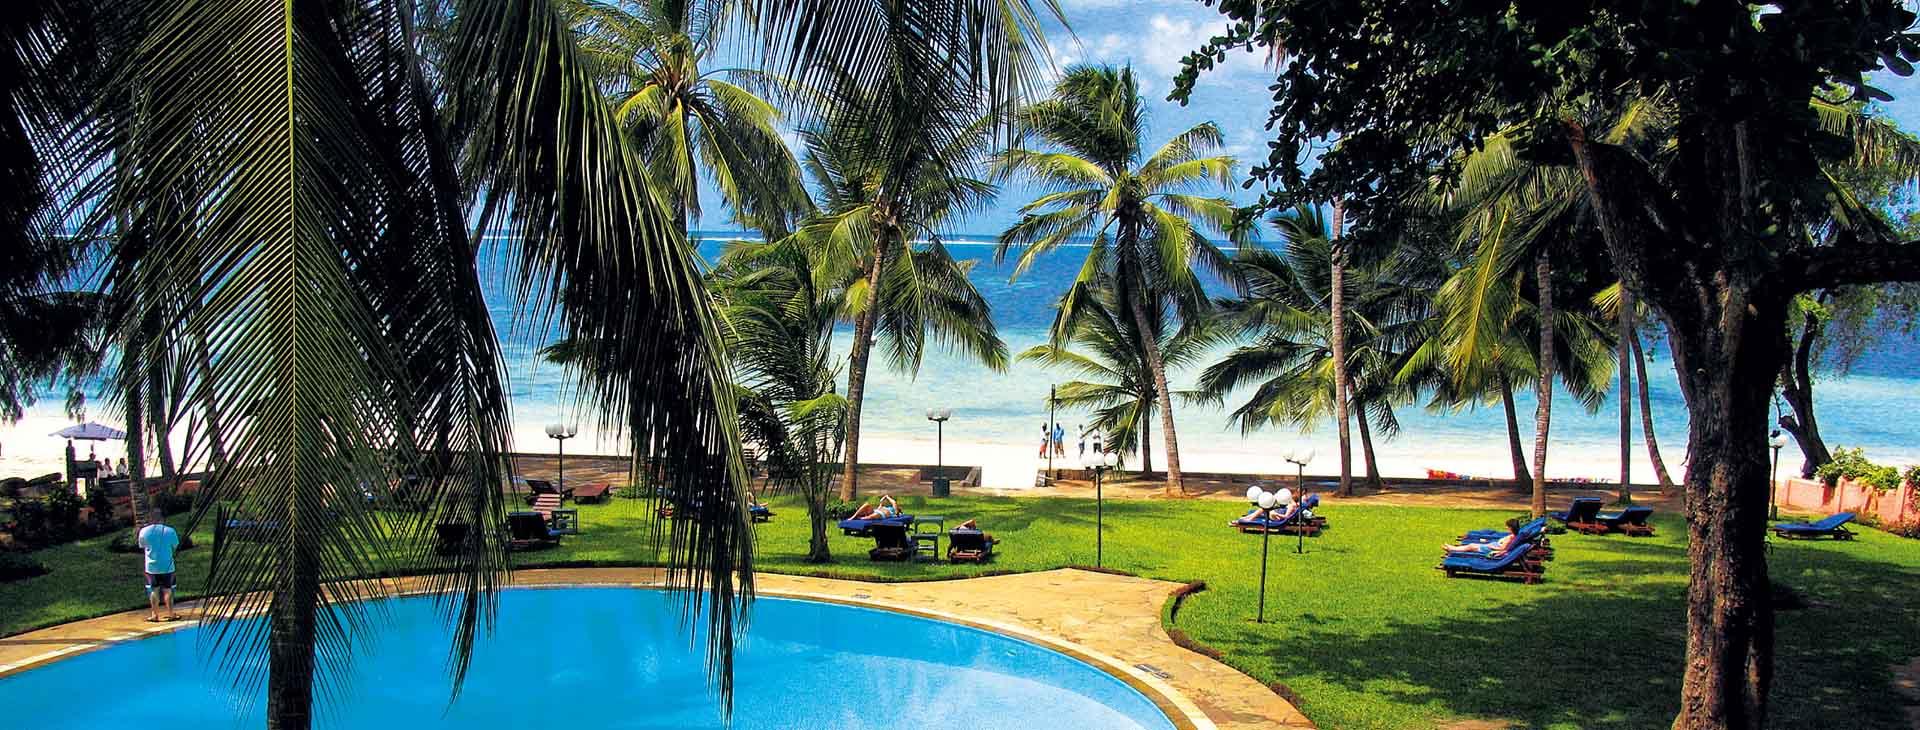 Powitanie z Afryką / Neptune Beach Resort Kenia, Wyc. objazdowe